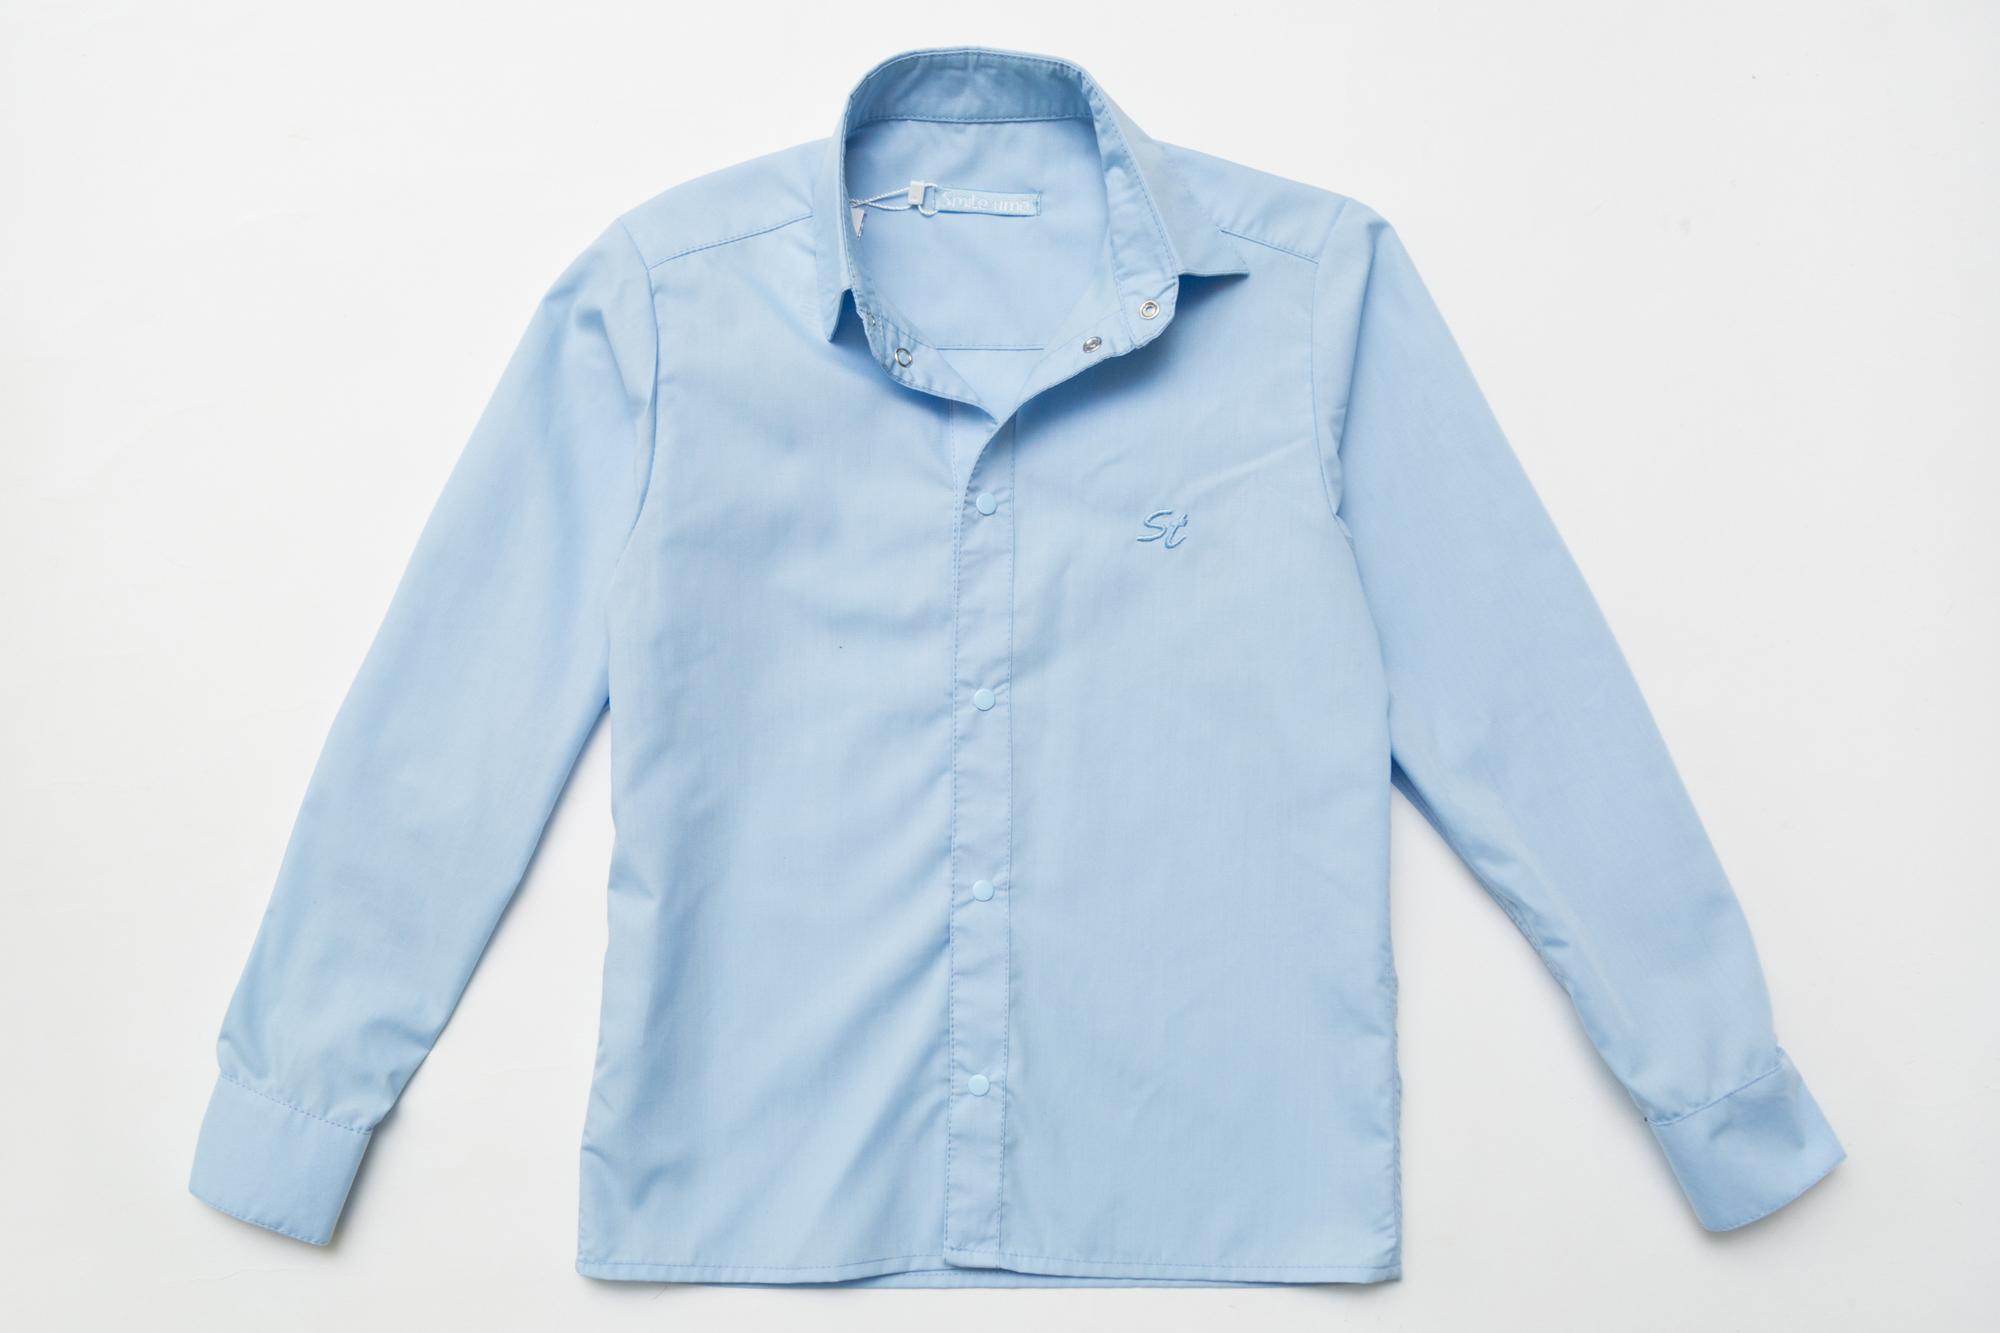 Рубашка SmileTime на кнопках с длинным рукавом, голубая